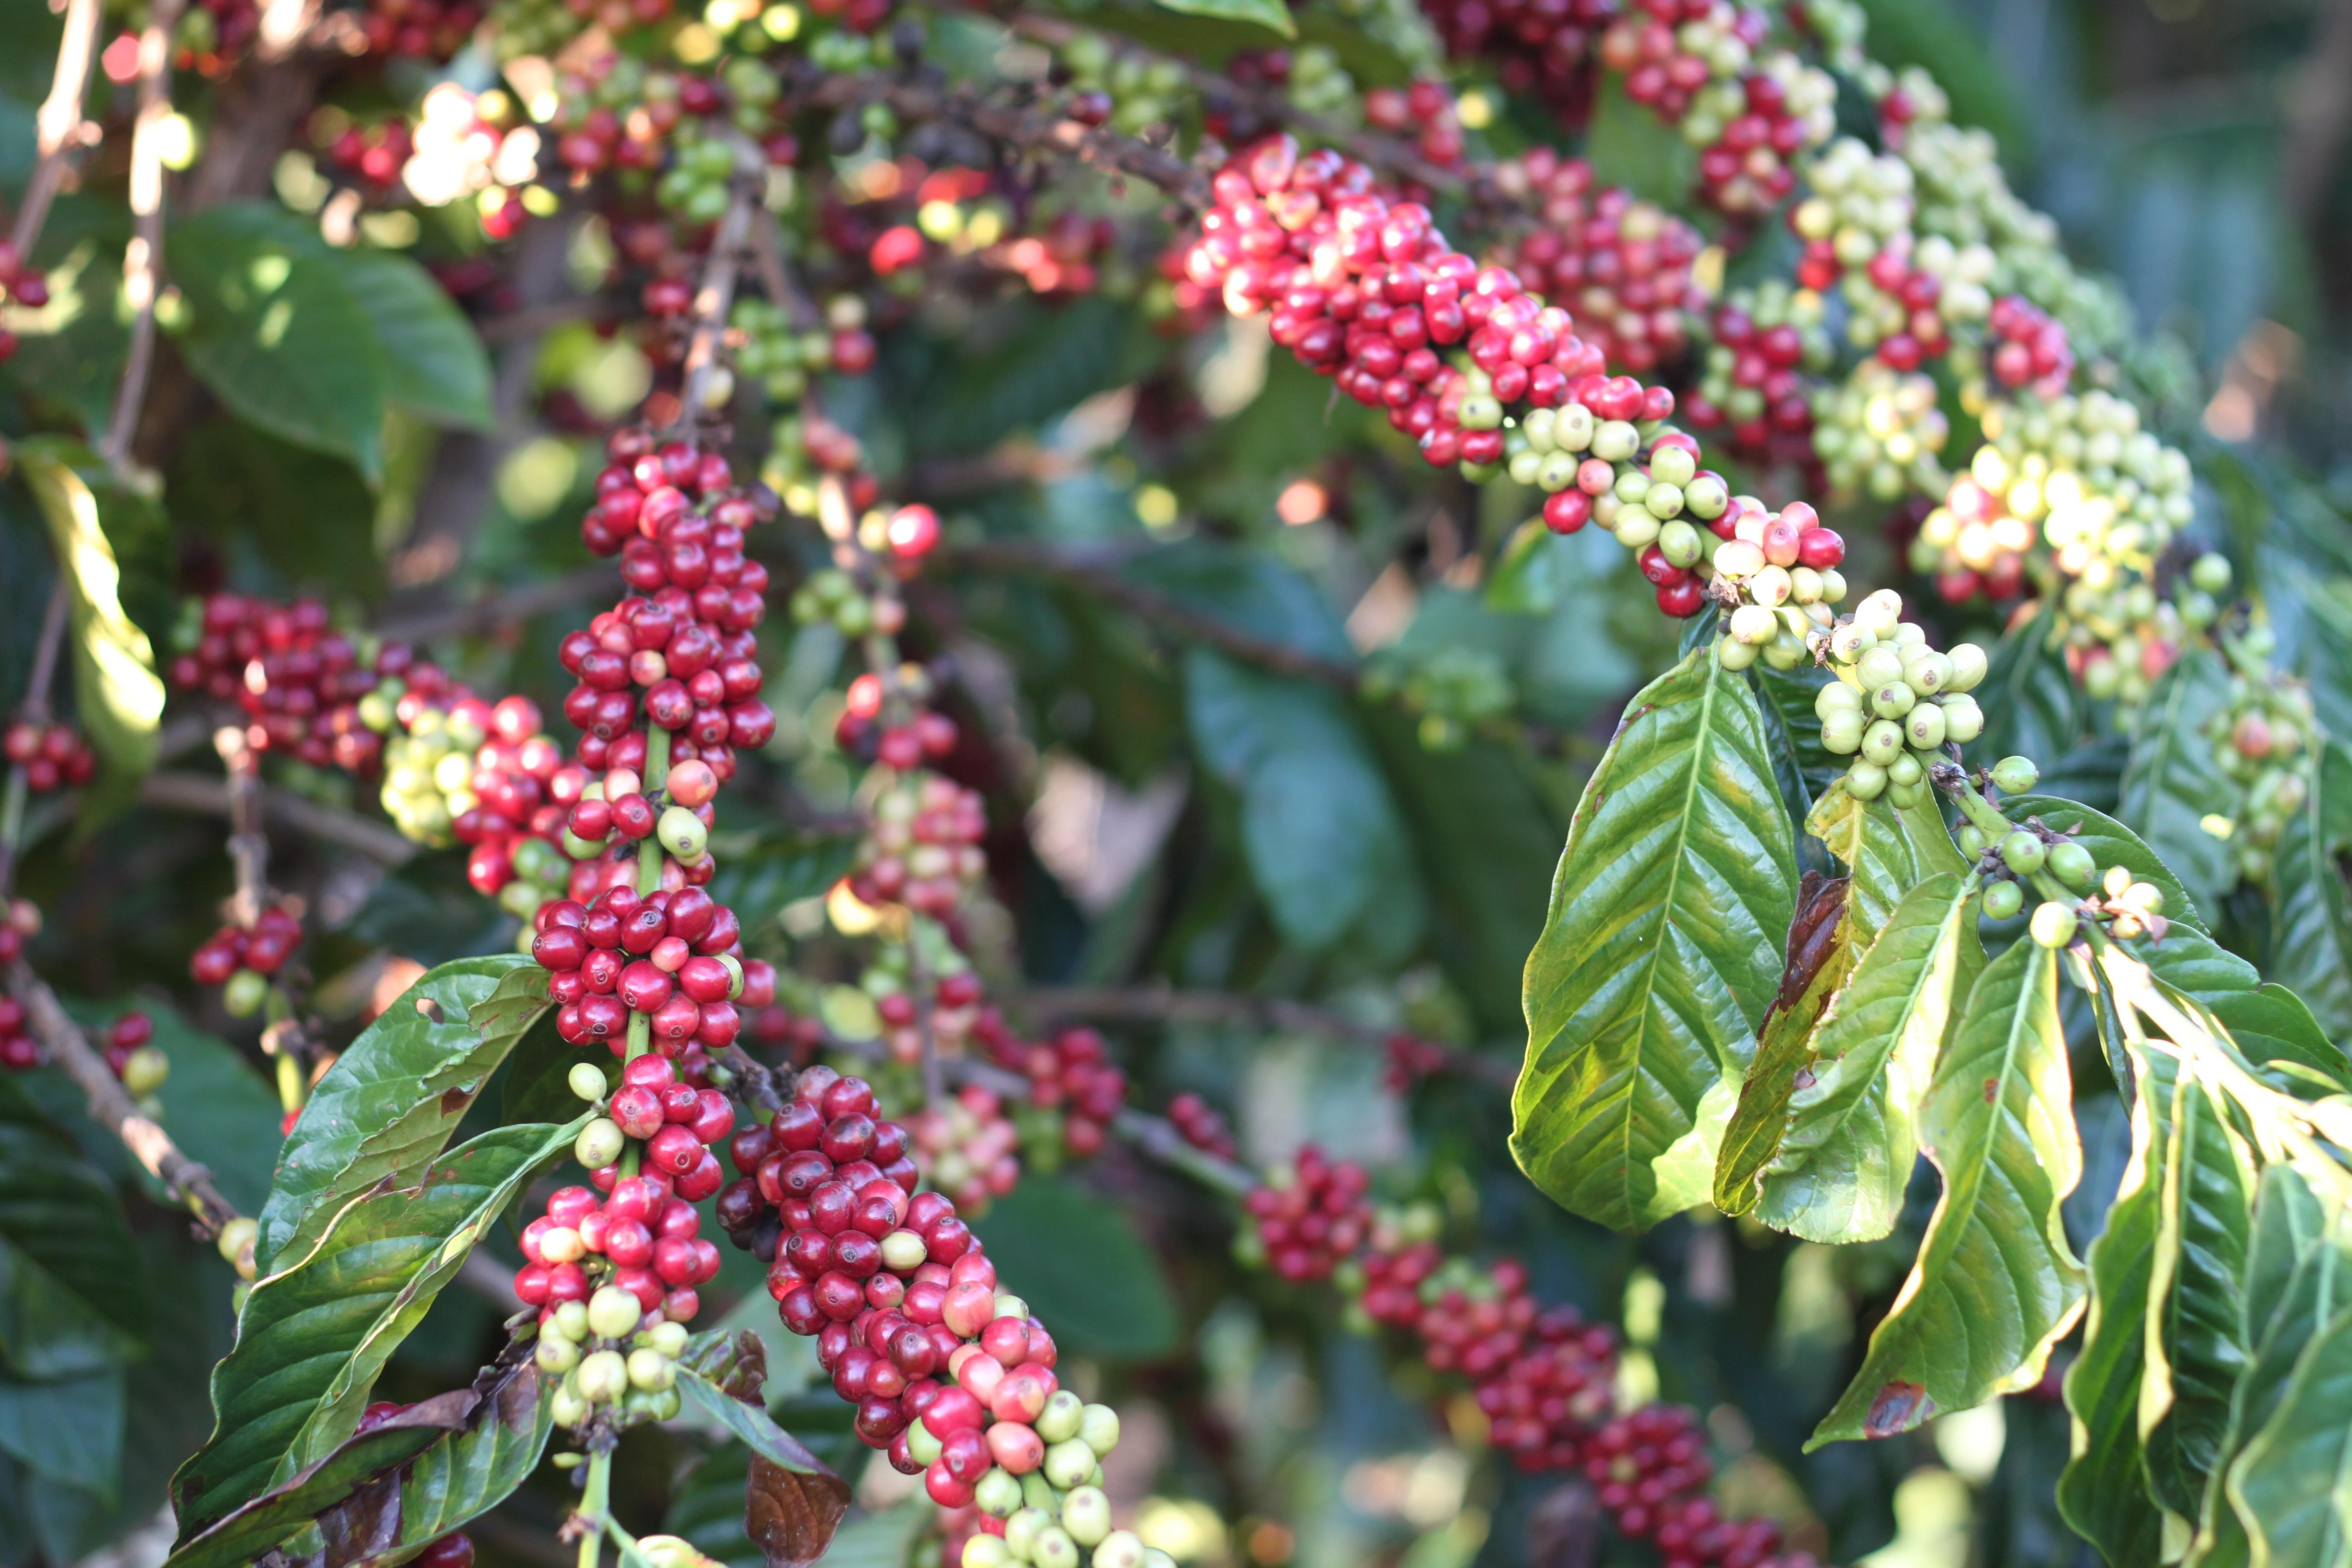 Clusters of cherries